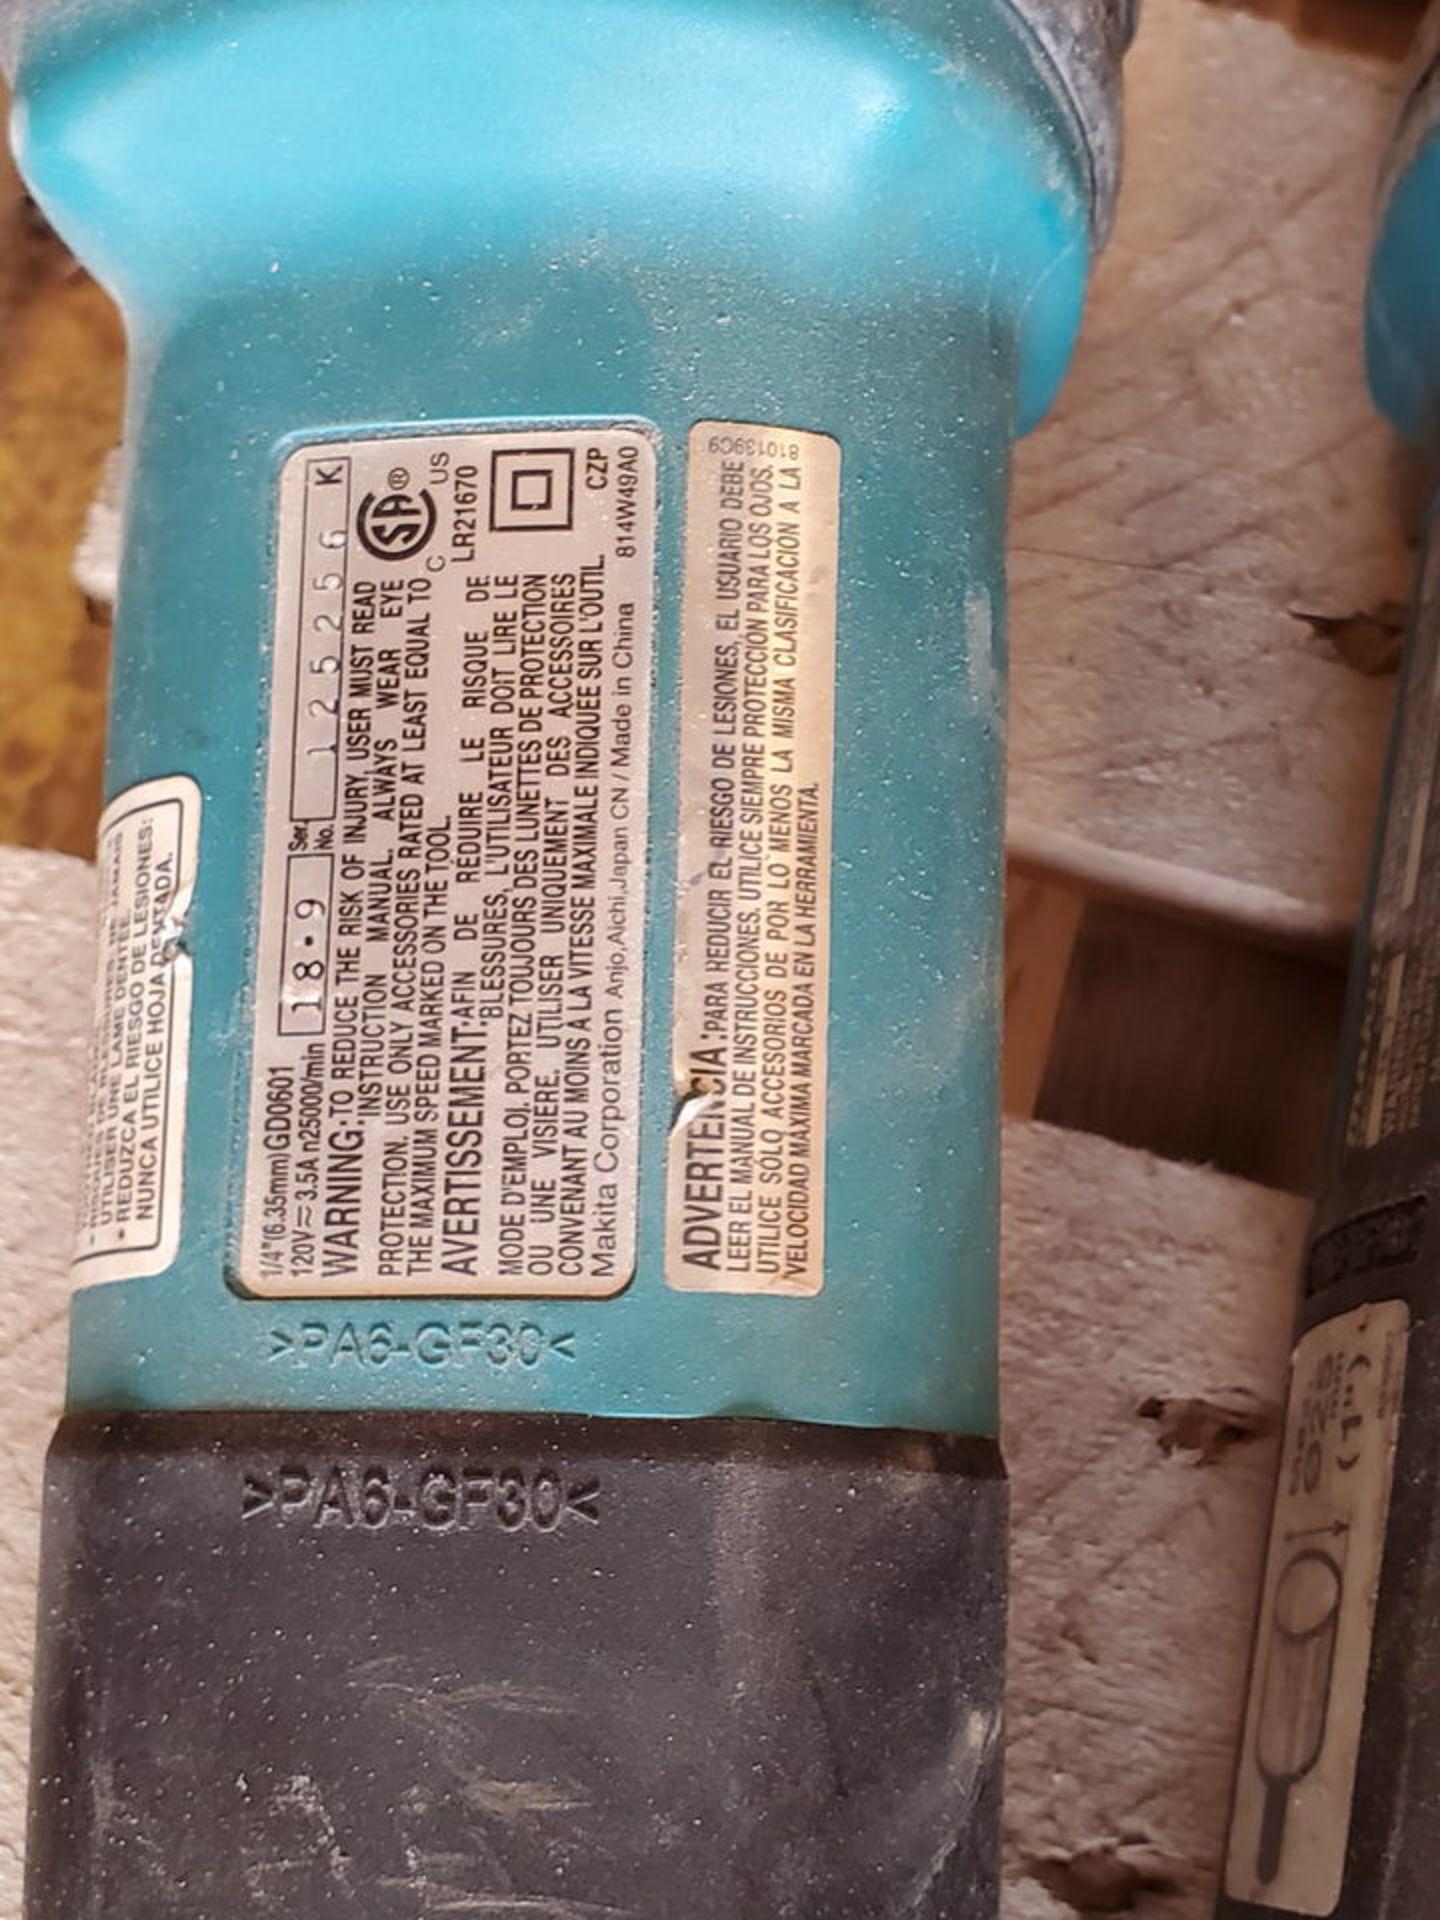 """Makita (3) 1/4"""" Die Grinders 120V, 3.5A - Image 4 of 4"""